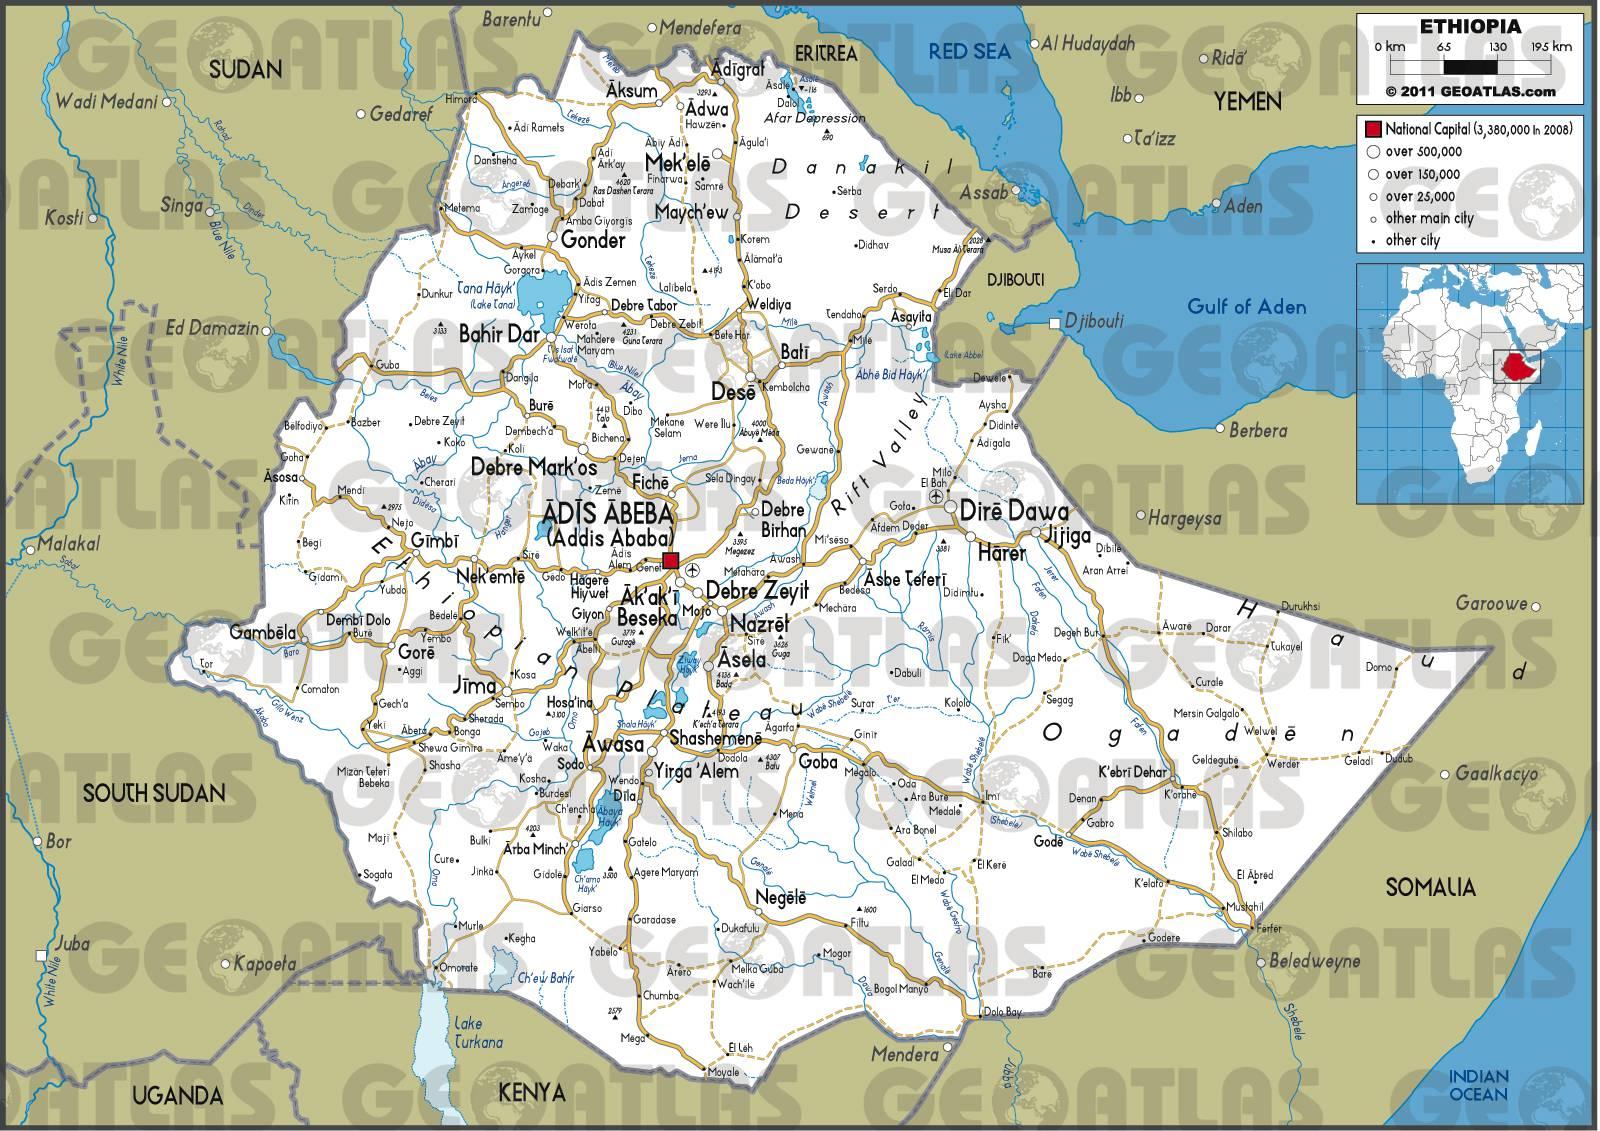 Carte routière de l'Ethiopie